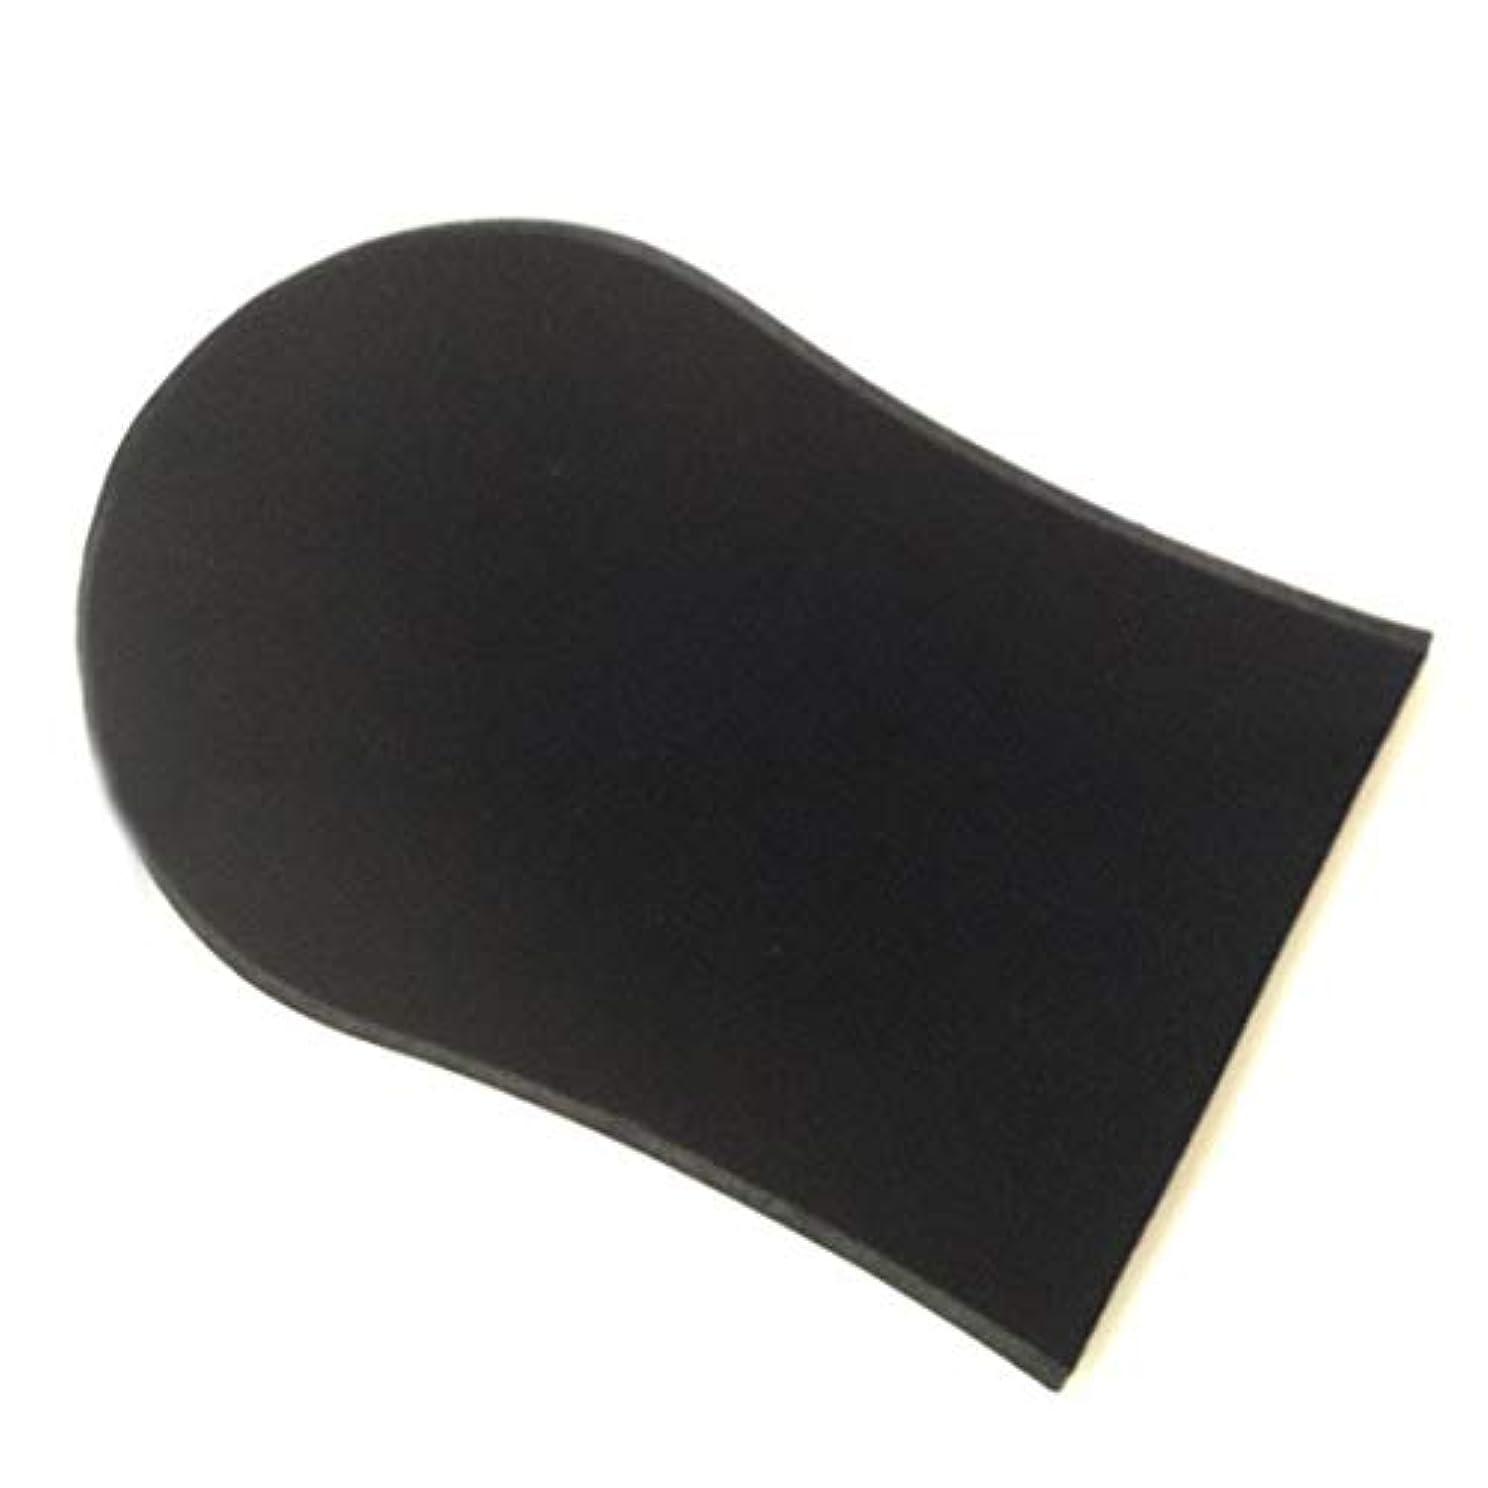 再利用可能な体の自己日焼け手袋アプリケーター日焼け手袋クリームローションムースボディクリーニング手袋